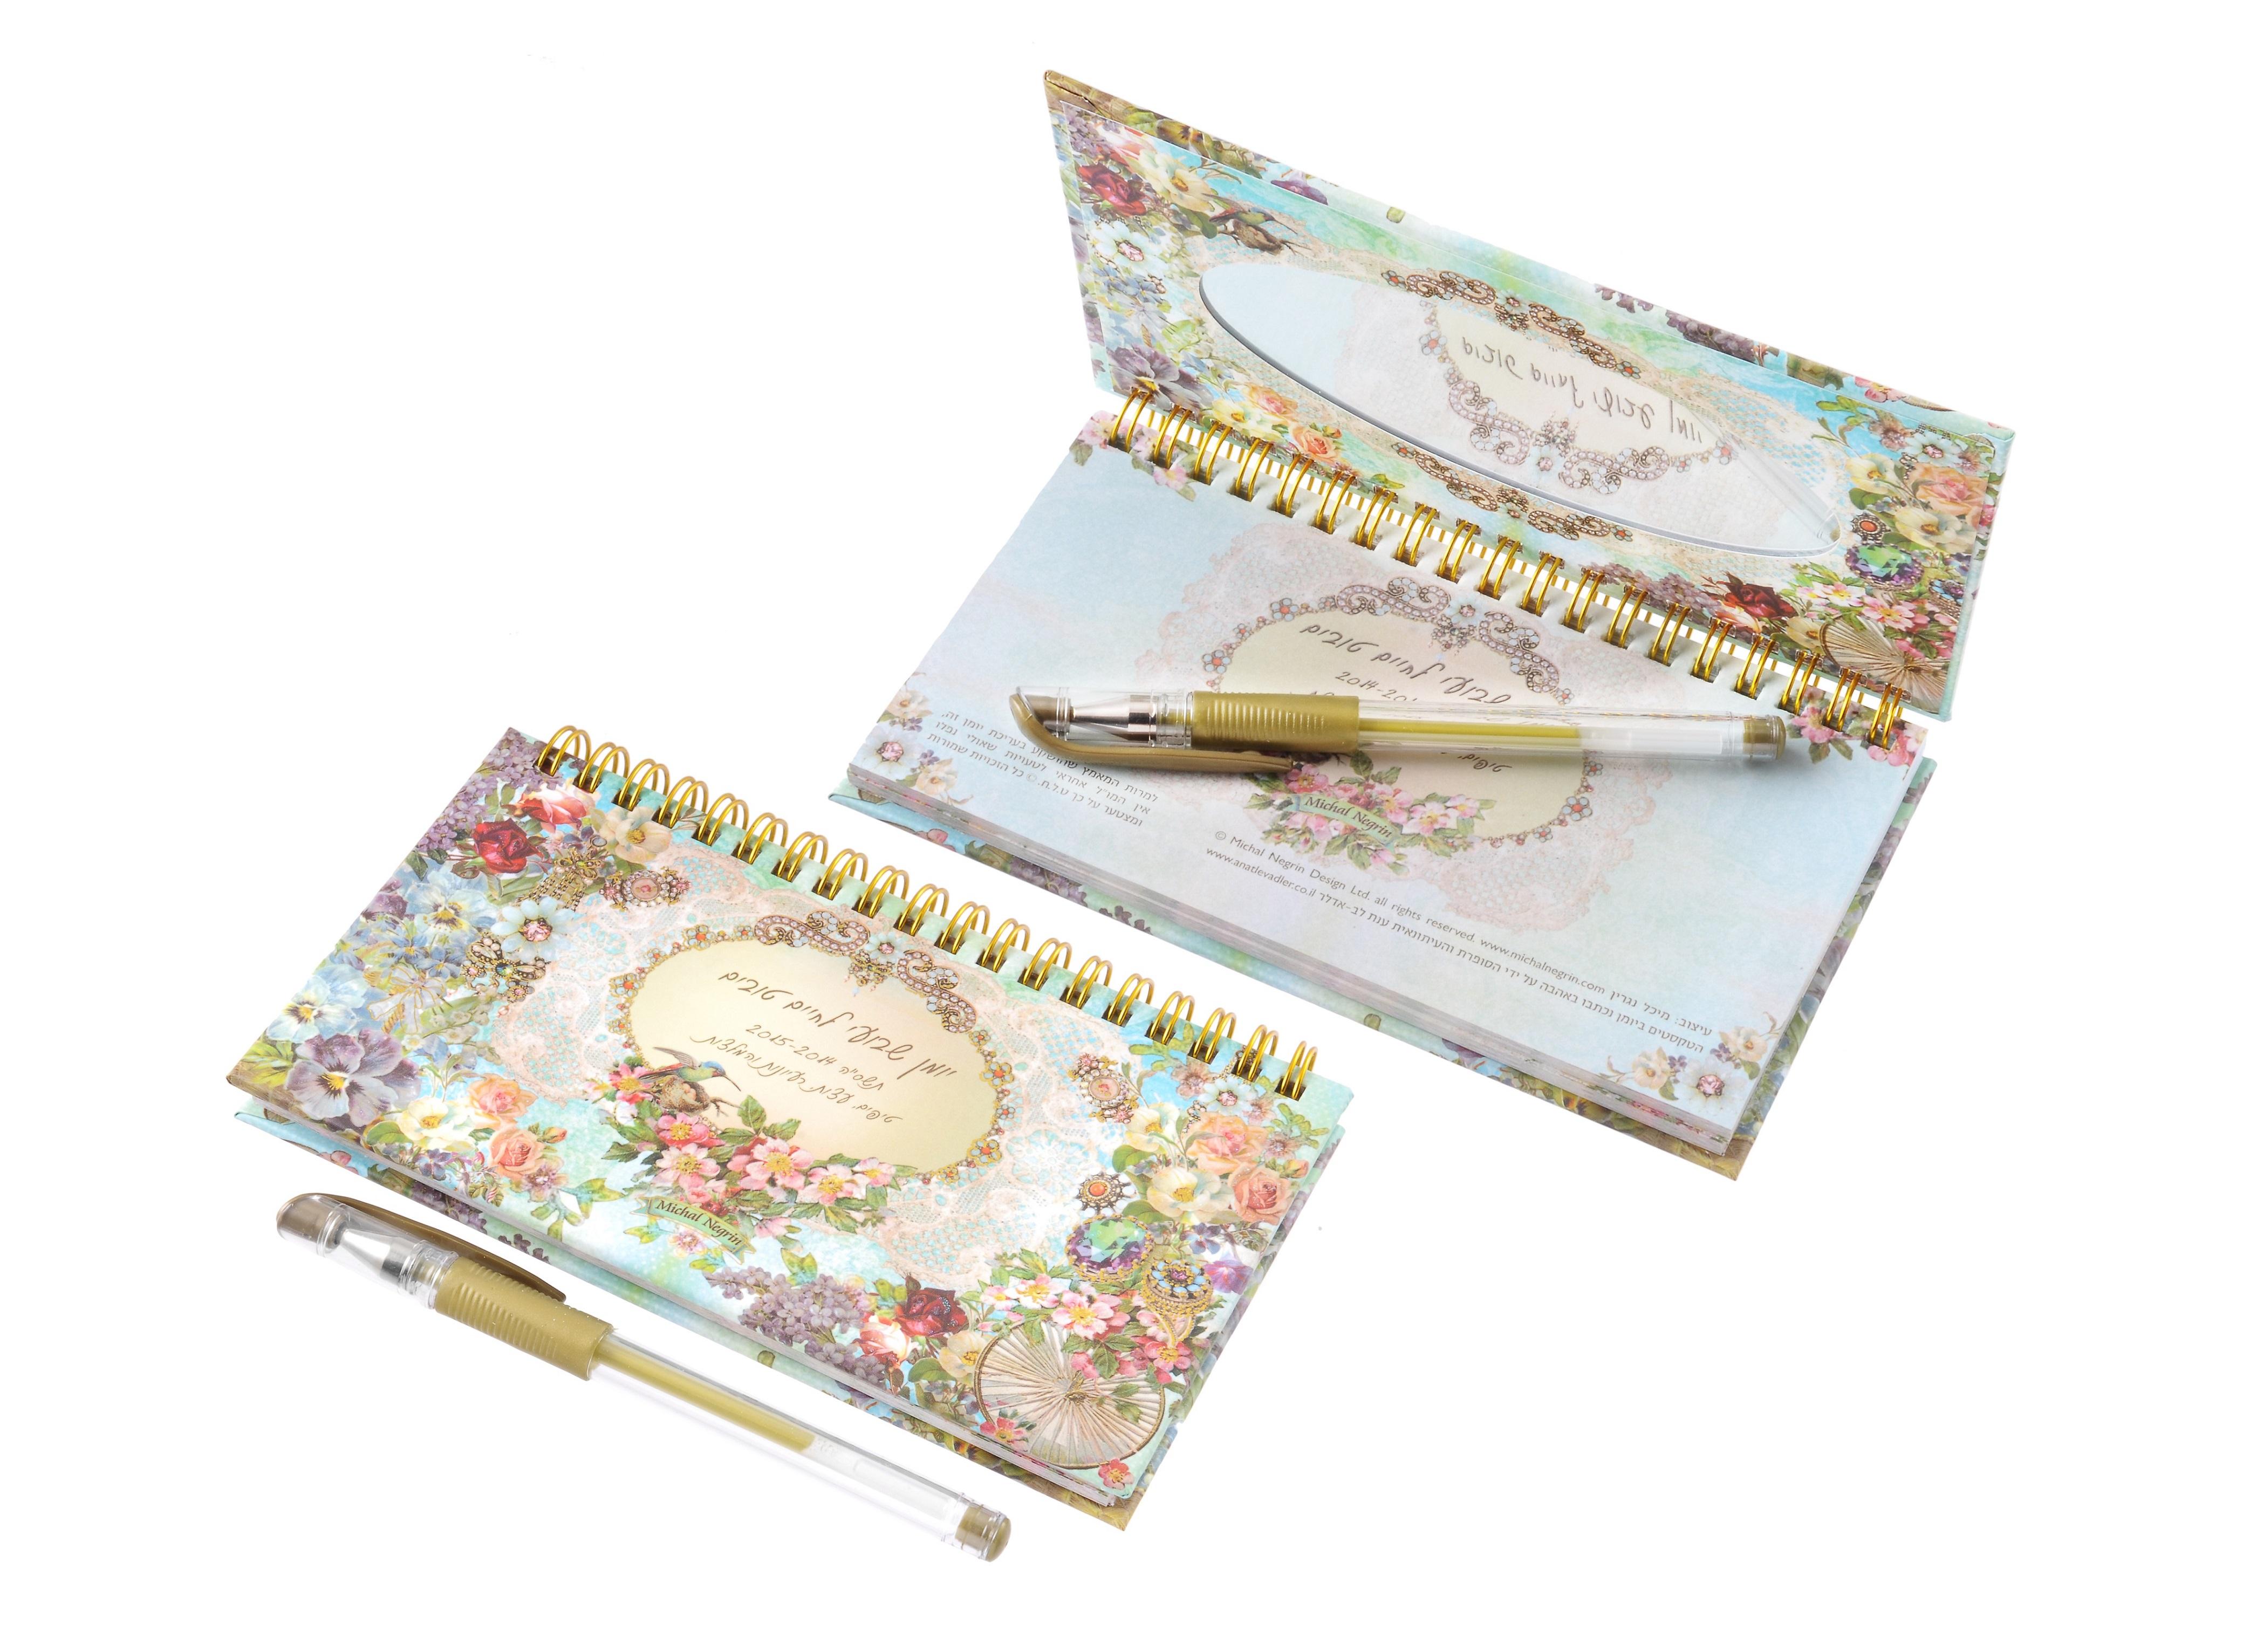 Красота на целый год: скидки на календари и ежедневники от Michal Negrin